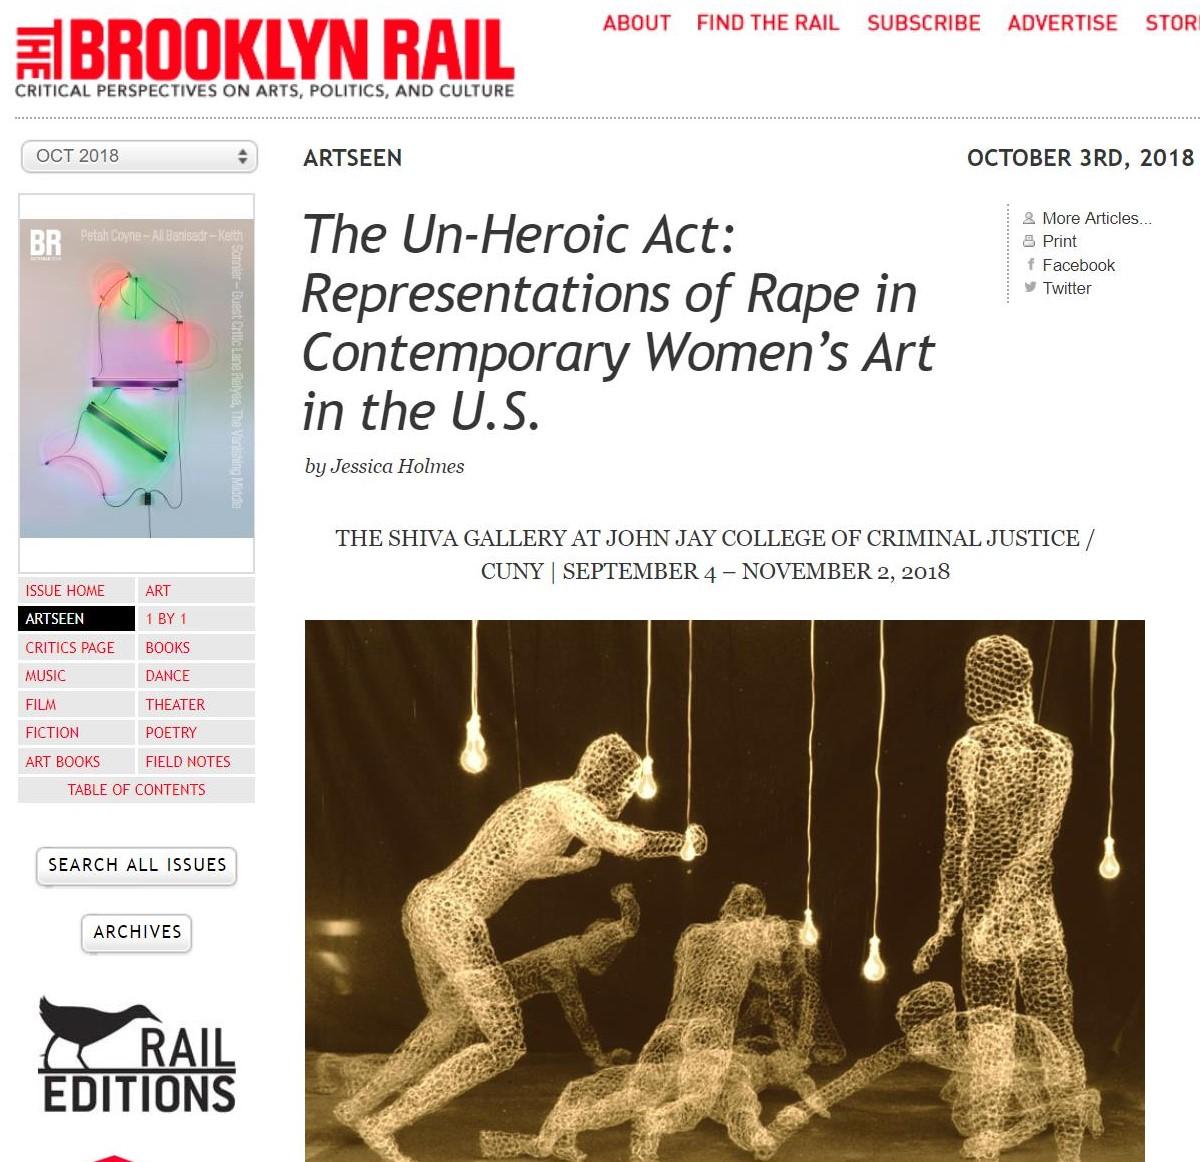 BROOKLYN RAIL.10032018.REVIEW.The-Un-Heroic-Act-Repr.jpg